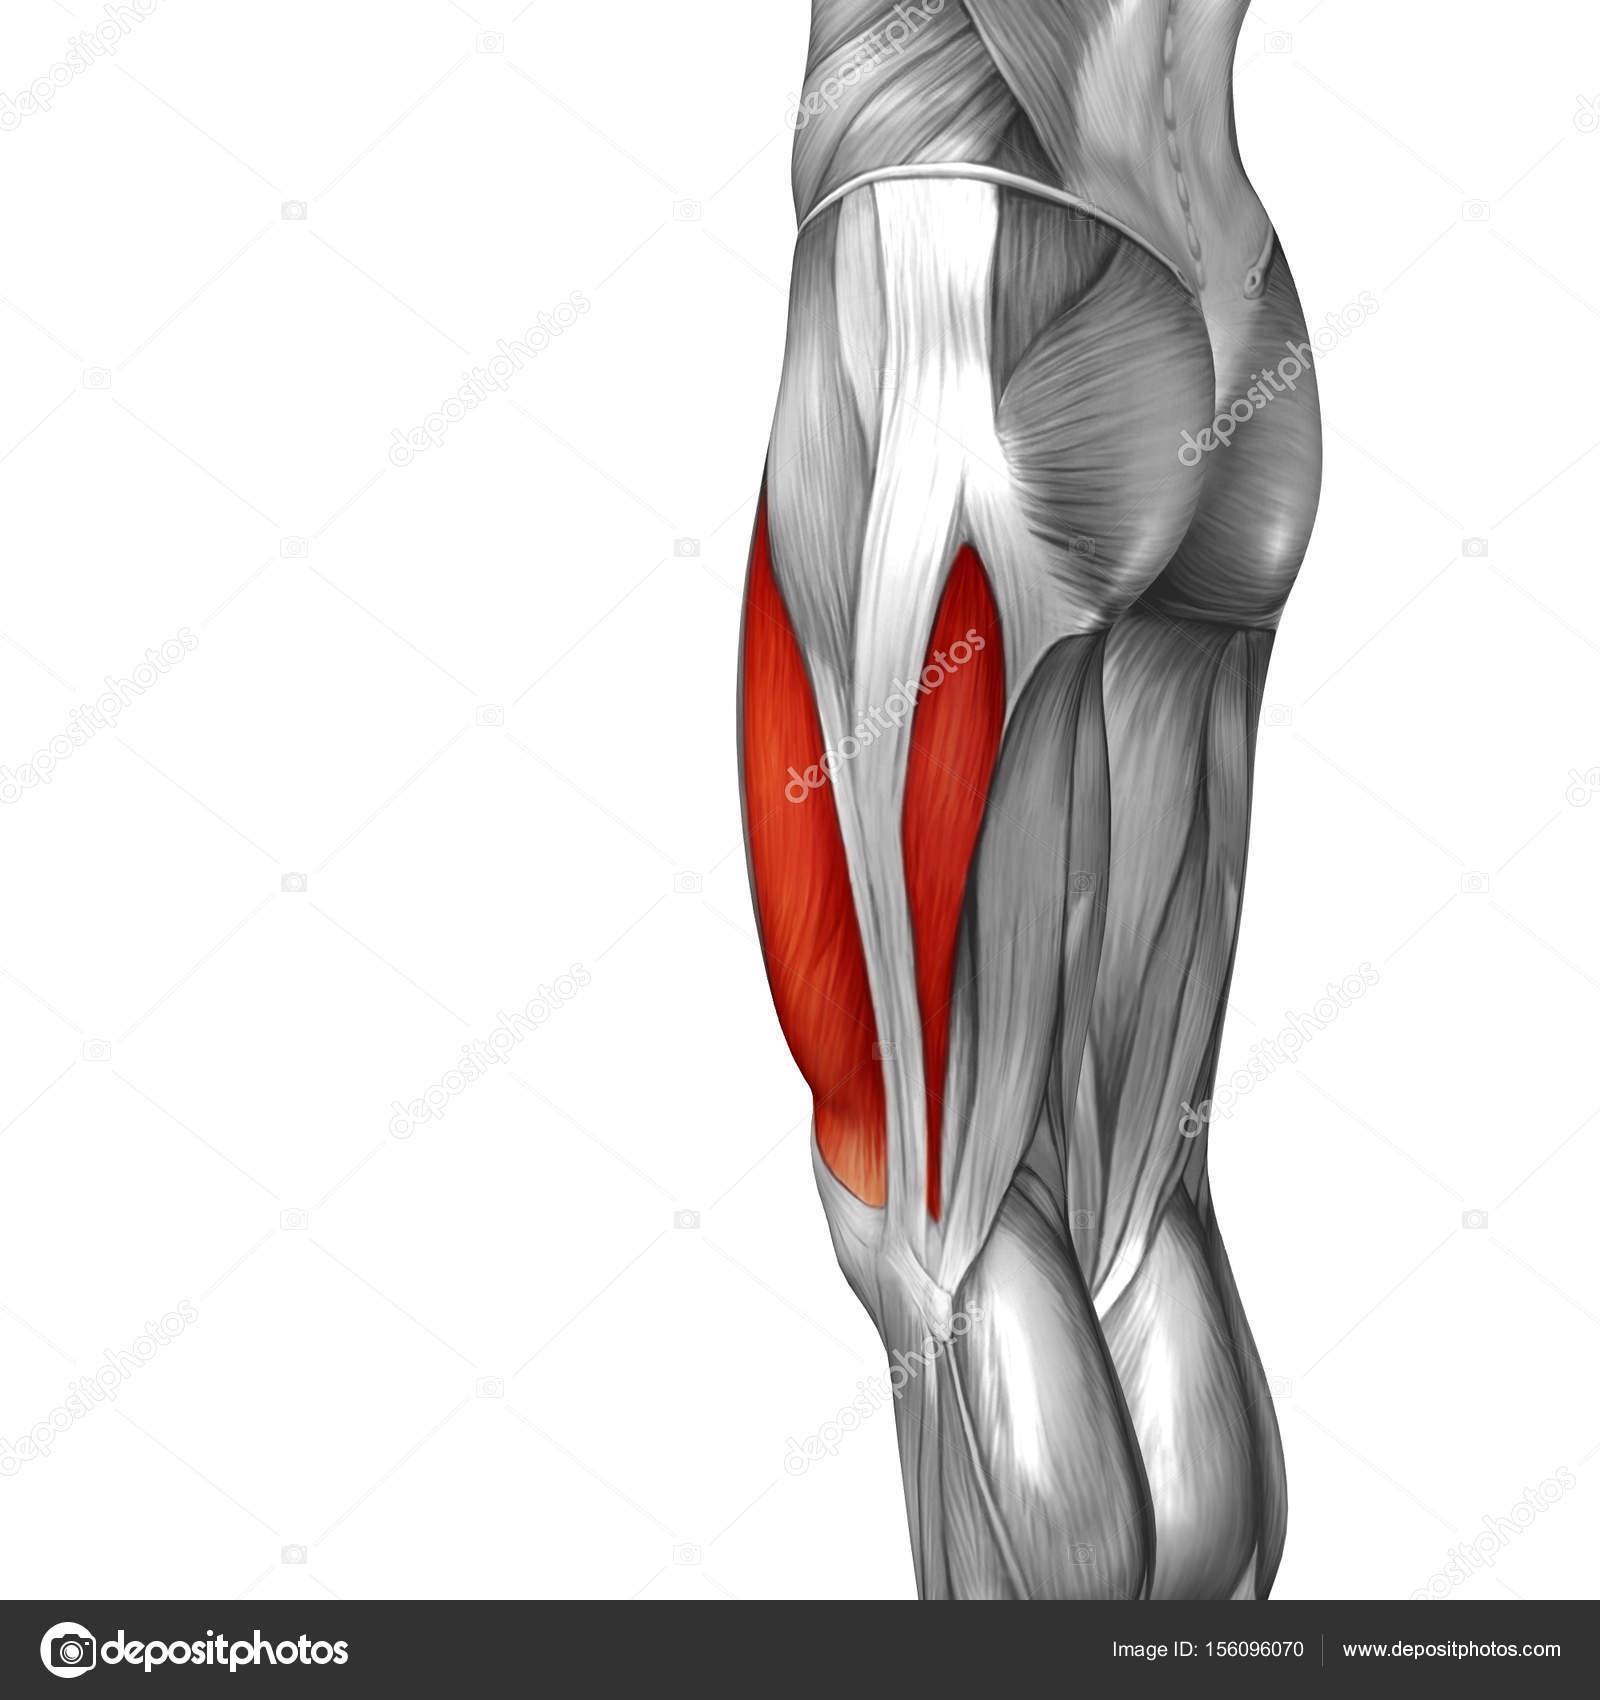 menschliche Oberschenkel-Anatomie — Stockfoto © design36 #156096070